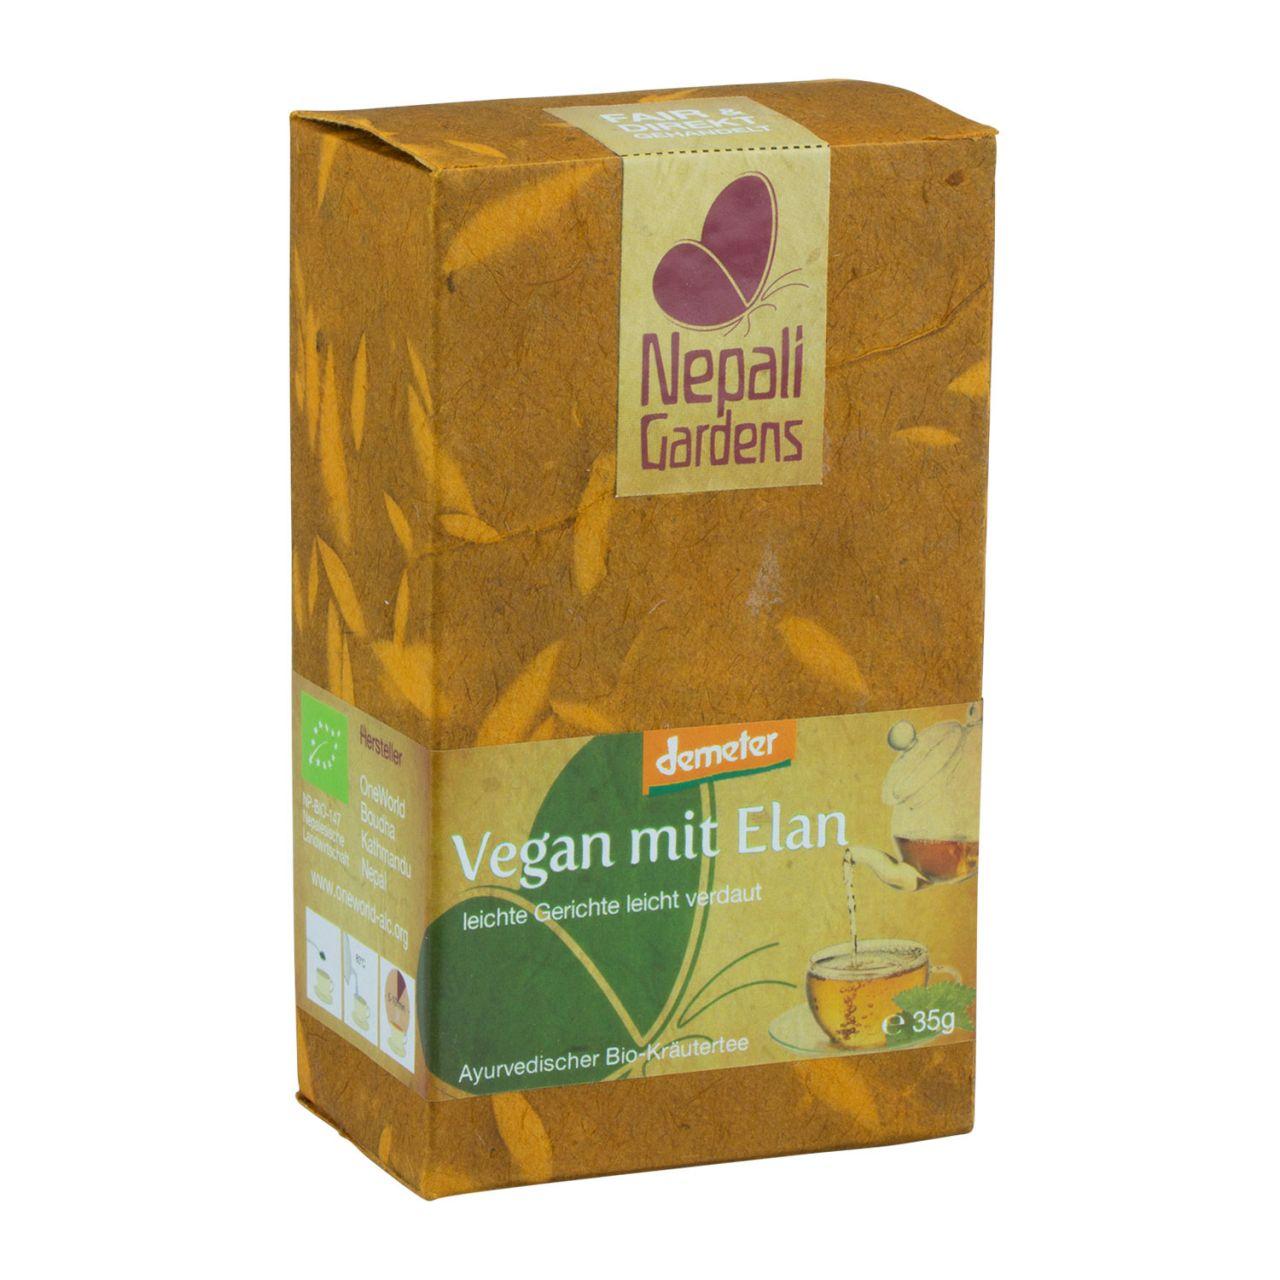 Vegan mit Elan